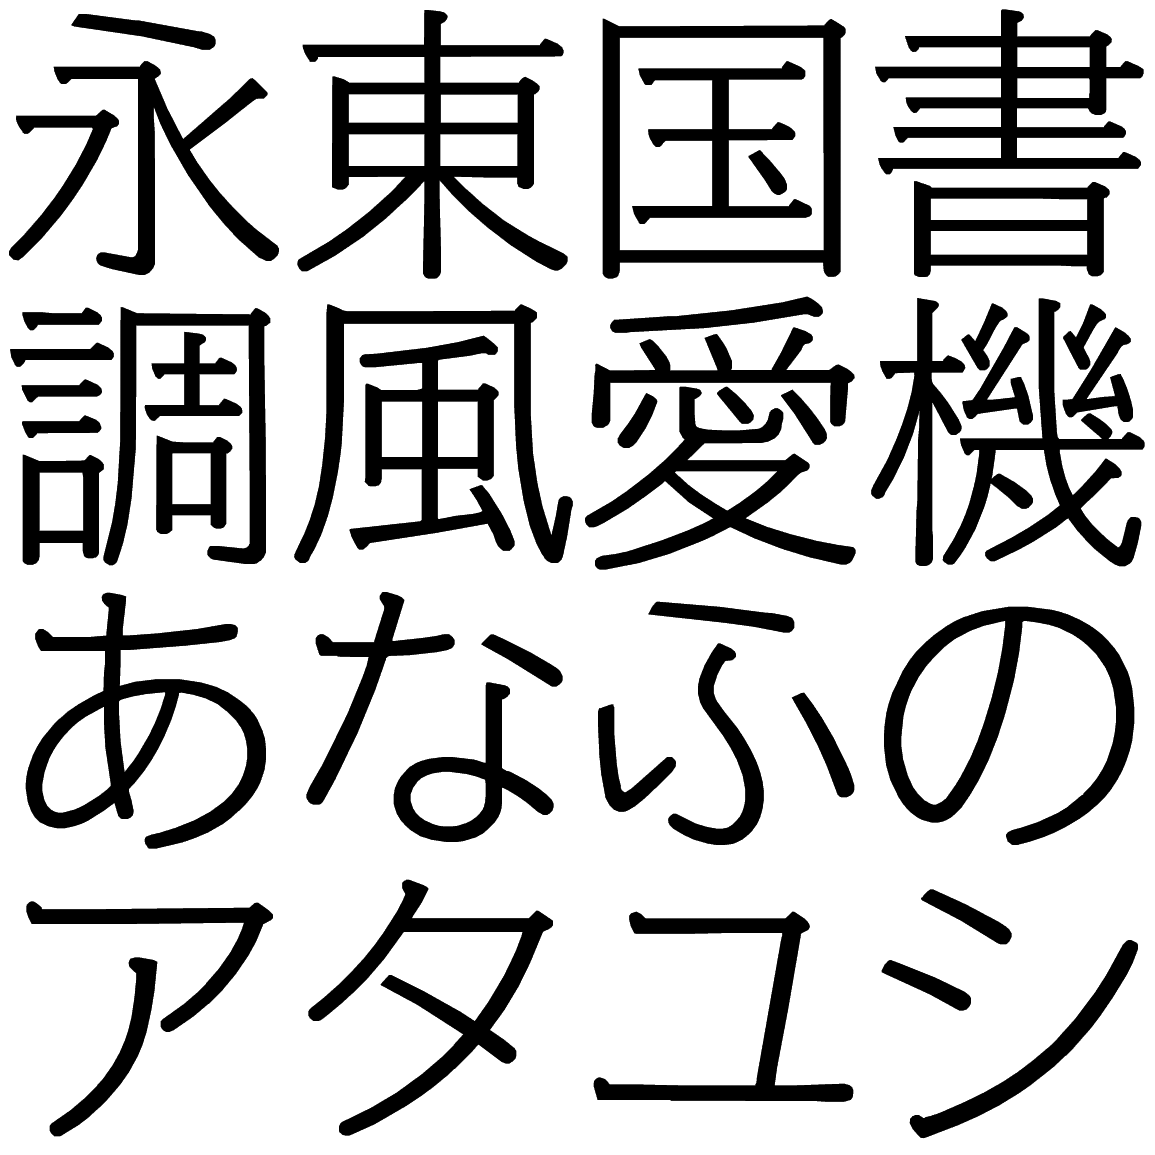 キッラミン L LKRM 字形見本